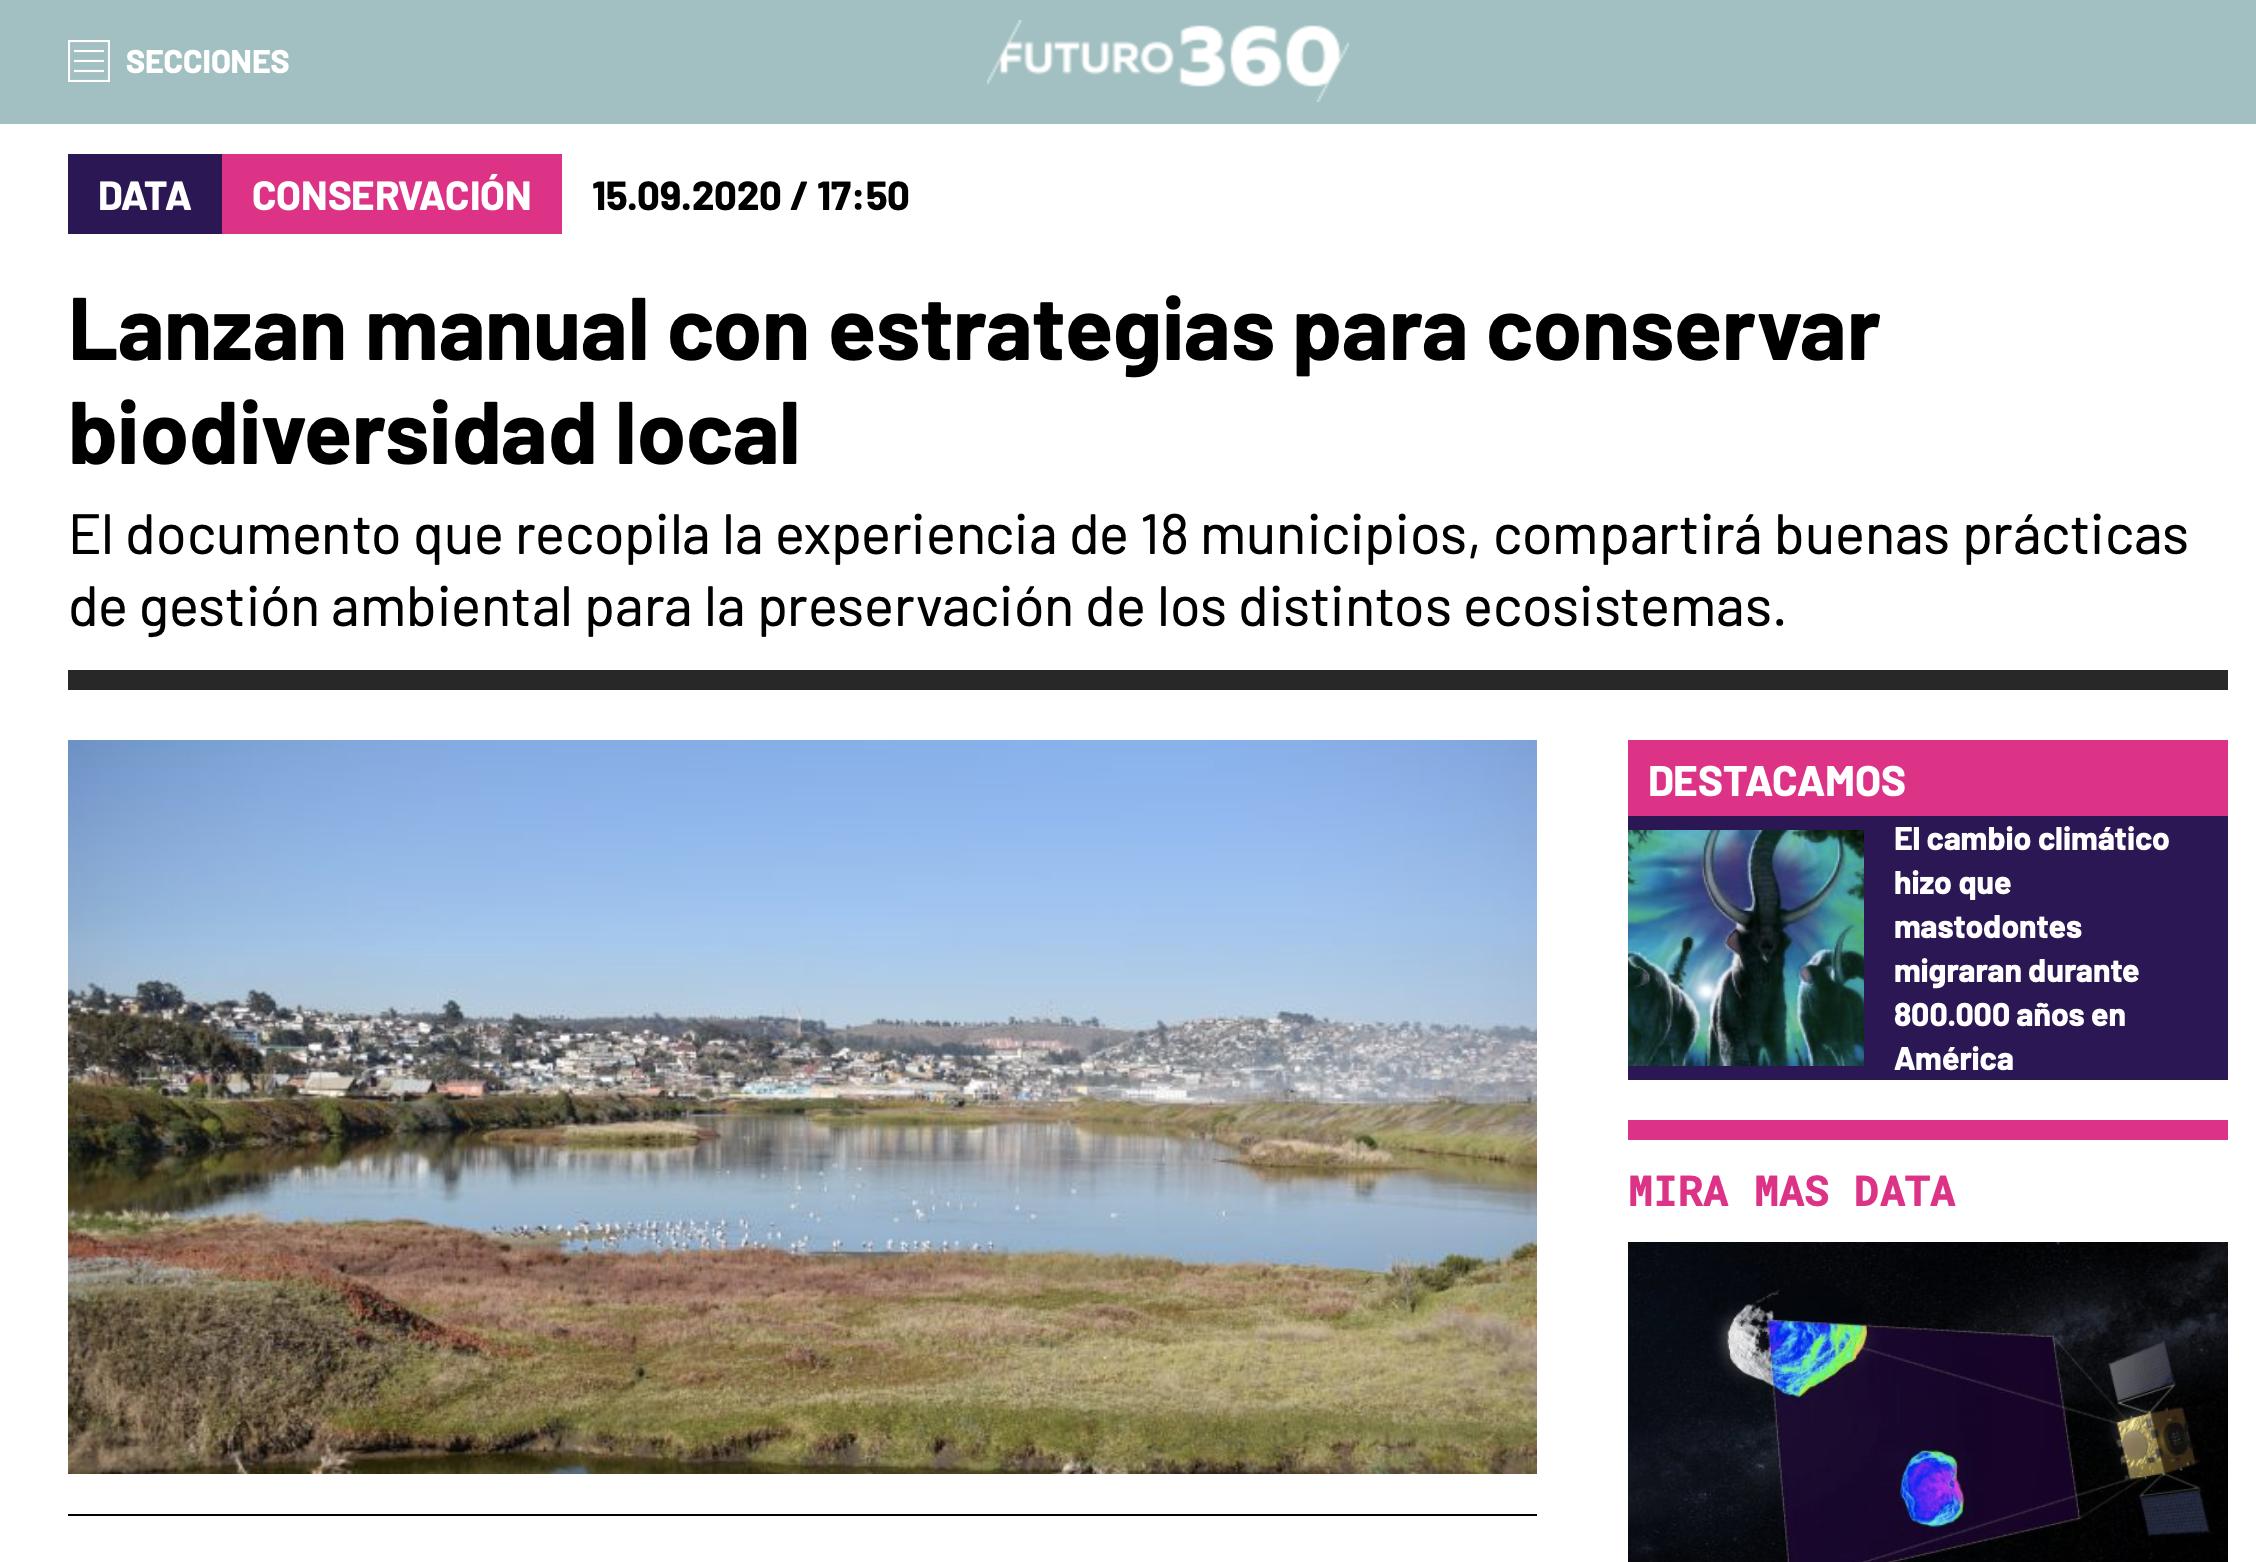 Lanzan manual con estrategias para conservar biodiversidad local